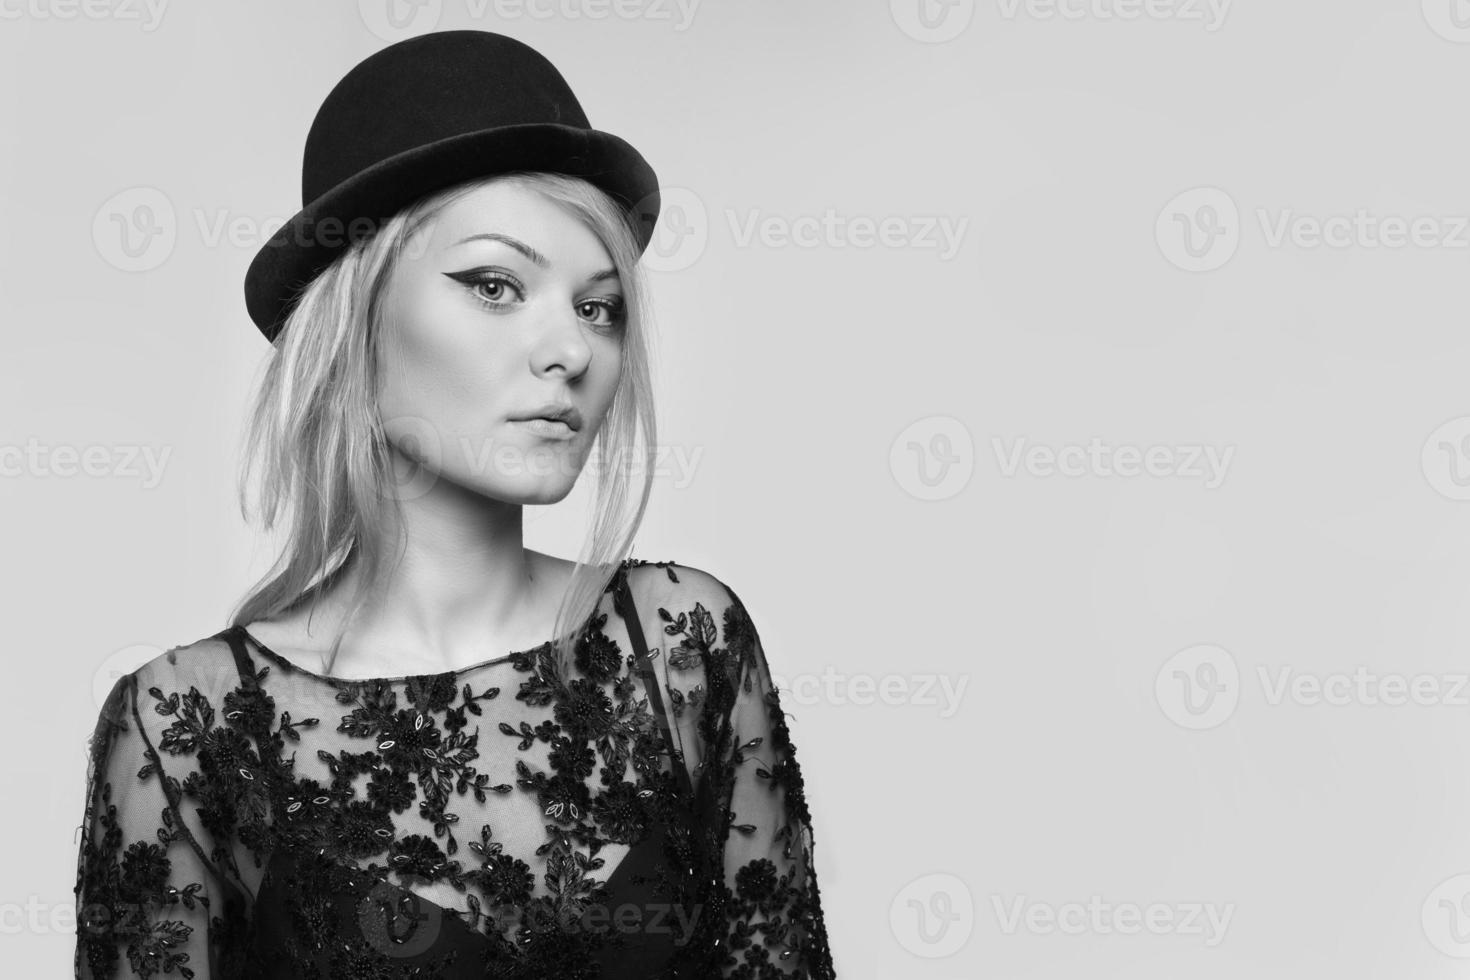 nära porträtt av vacker blond kvinna foto